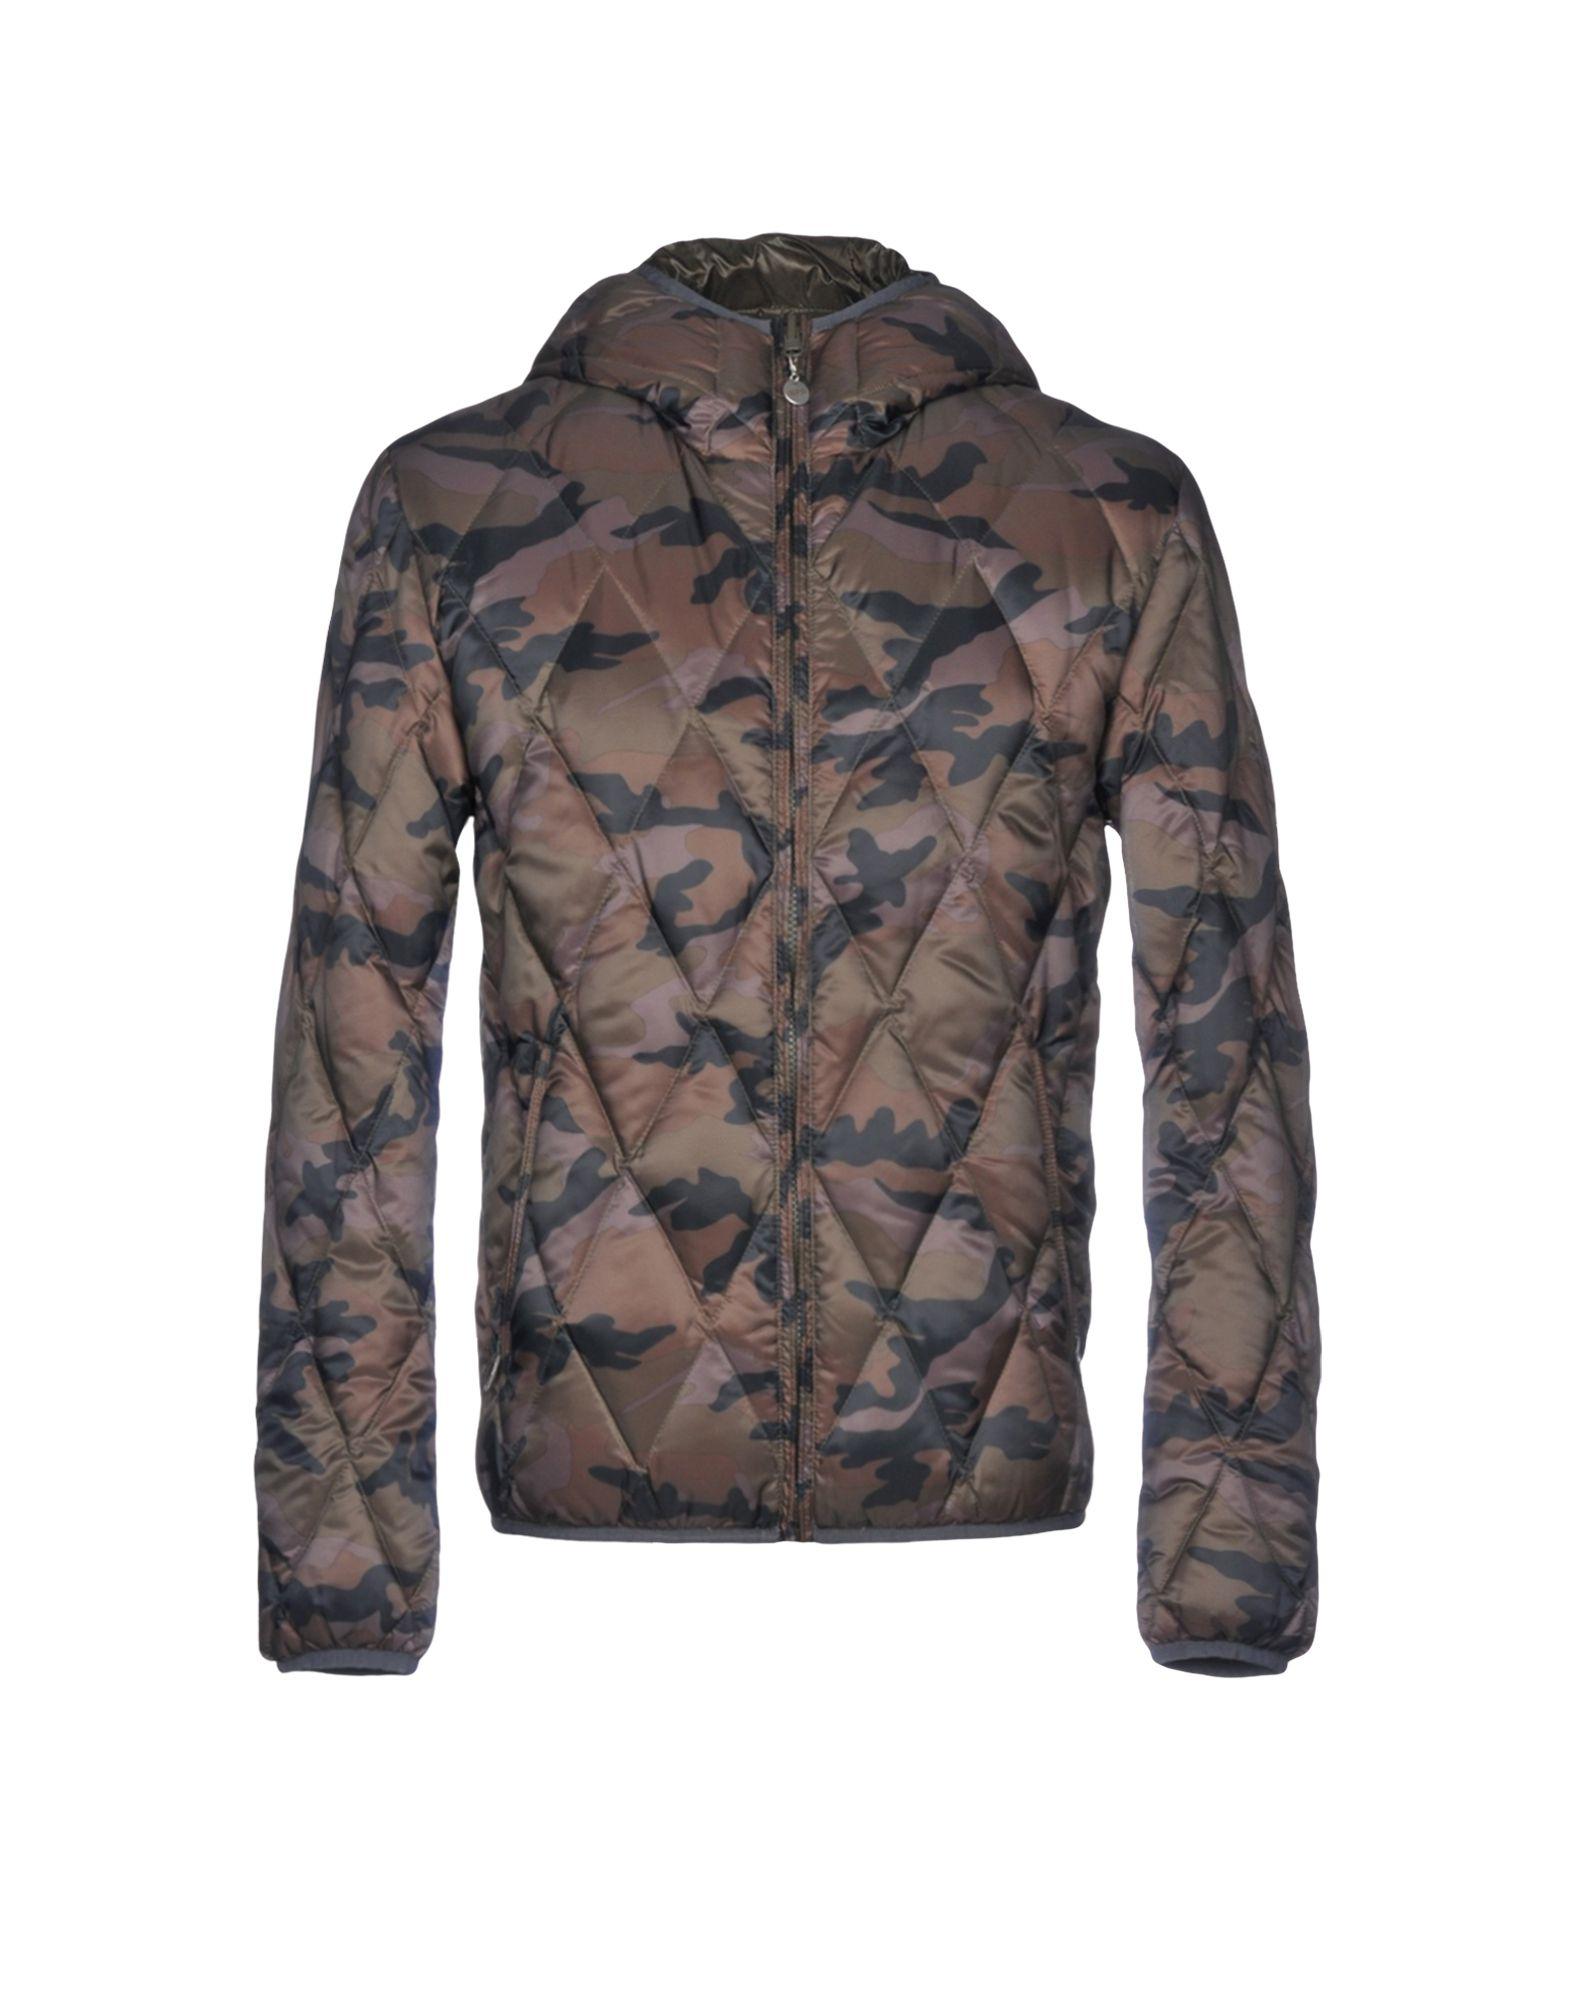 《送料無料》BPD BE PROUD OF THIS DRESS メンズ ダウンジャケット ダークグリーン M ポリエステル 100%